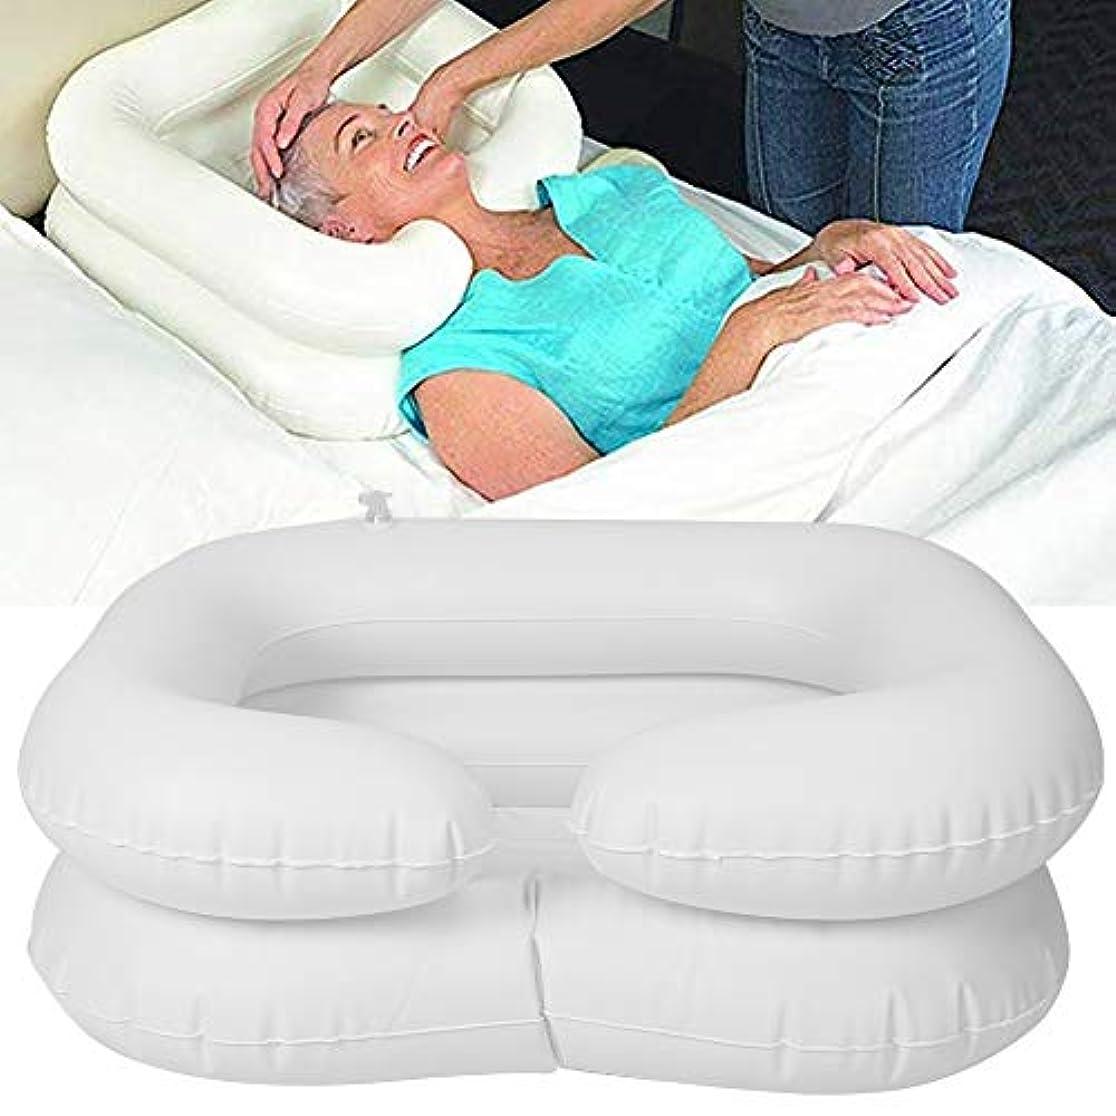 小道具幹業界シャンプー洗面器、身体障害者用ベッドサイドシャワーシステム、高齢者寝たきり、ベッドに閉じ込められた人々のためのオーバーヘッドシャワー、ウォーターバッグ